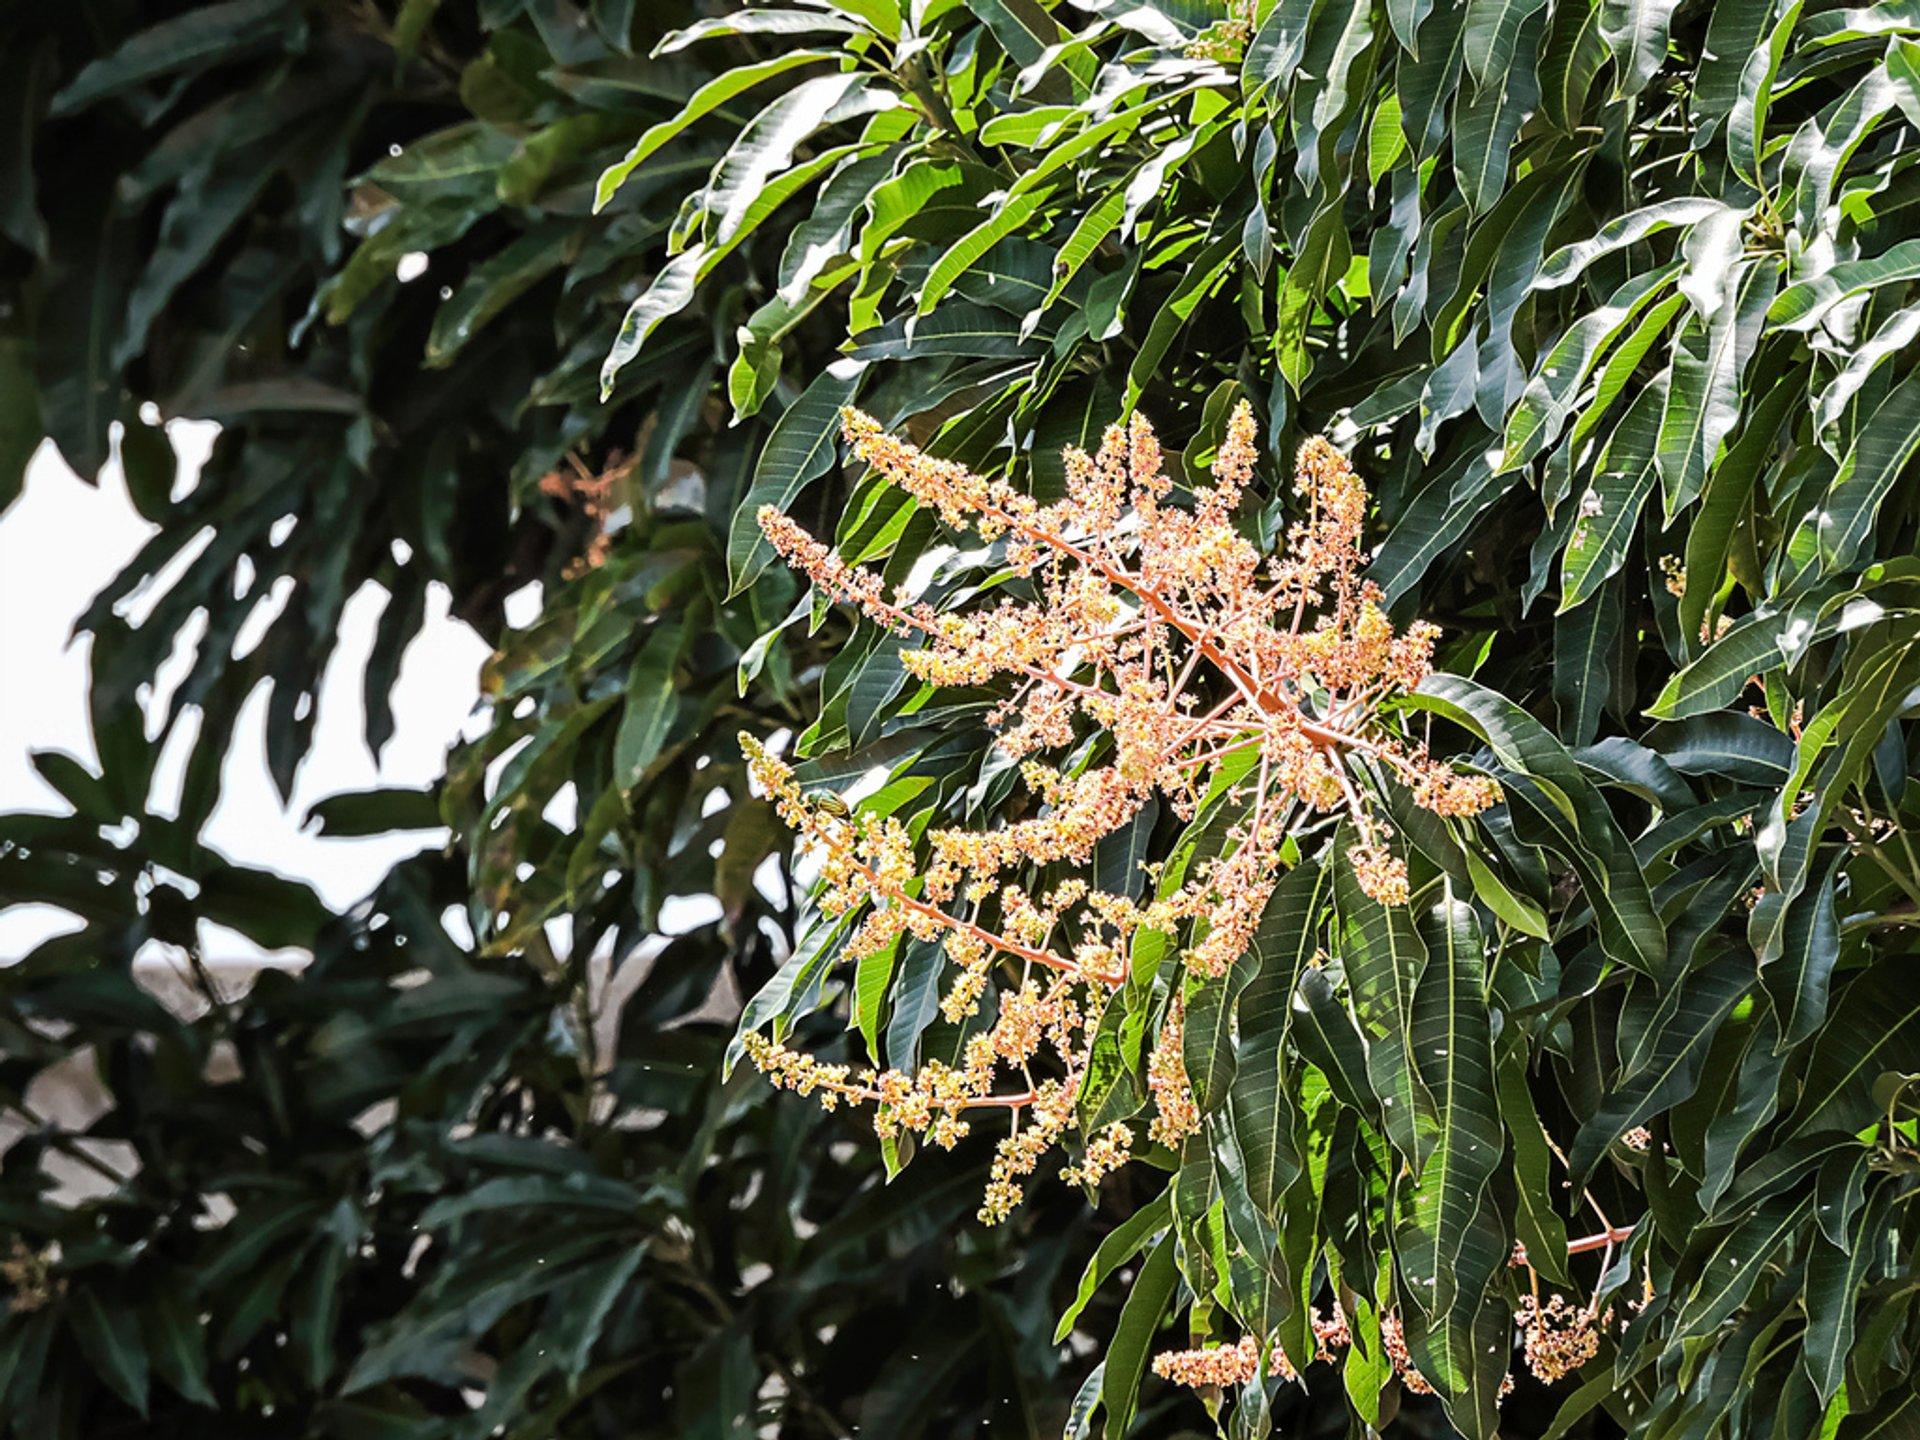 Mango Trees in Bloom in Rio de Janeiro 2020 - Best Time